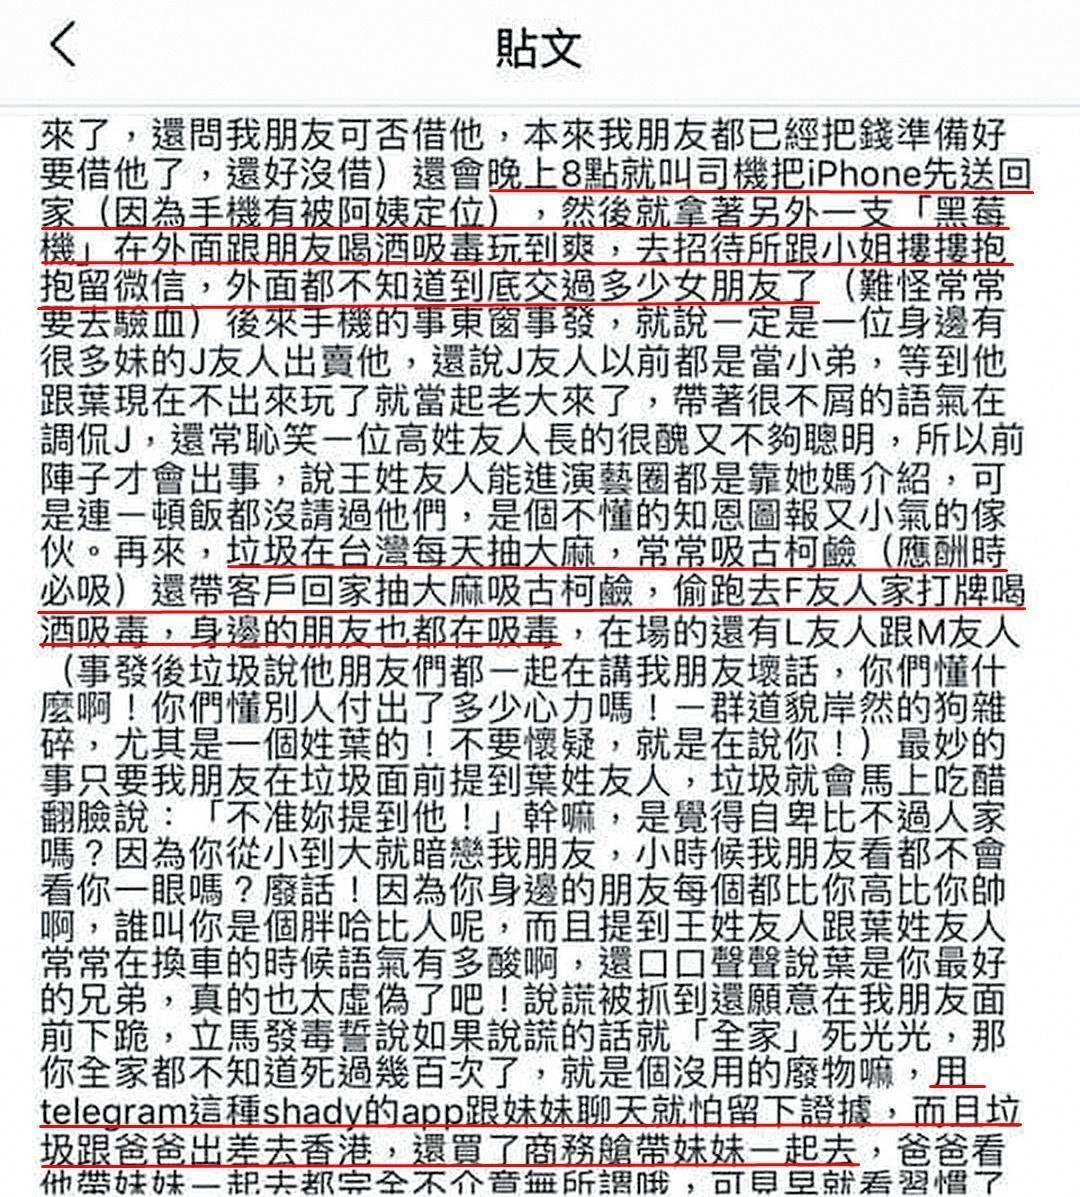 李仕凡跟孫瑩瑩分隔兩地,但李仕凡似乎並不滿意婚後生活。(翻攝自Joanna臉書)